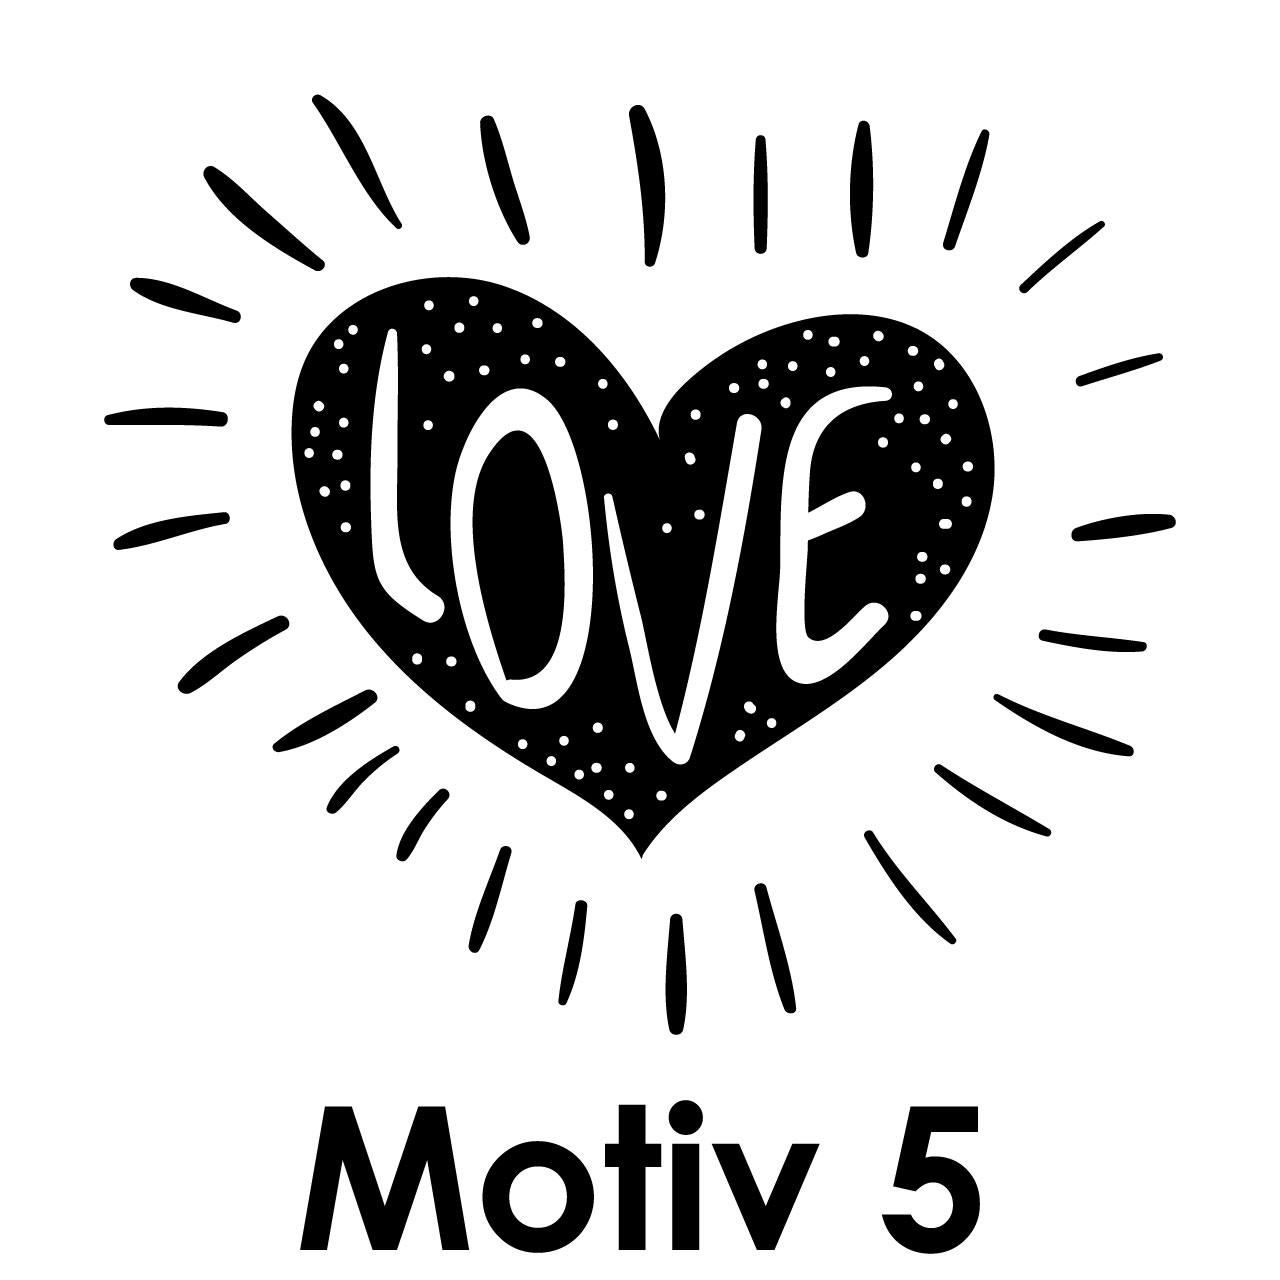 Motiv5